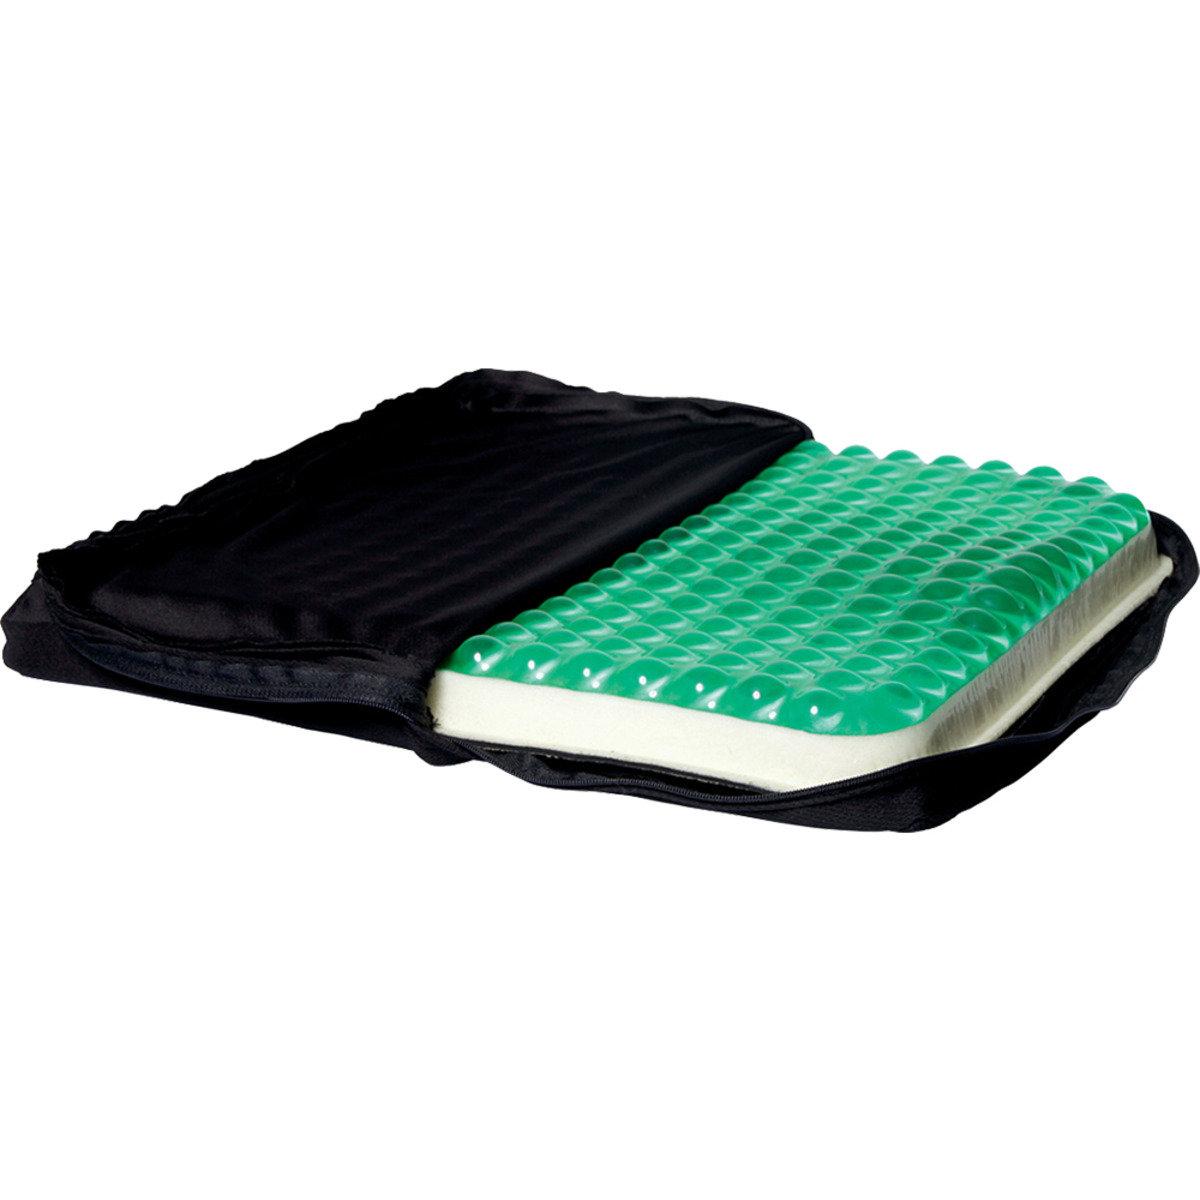 Flex 啫喱海綿減壓座墊 (粒狀,40cm闊)